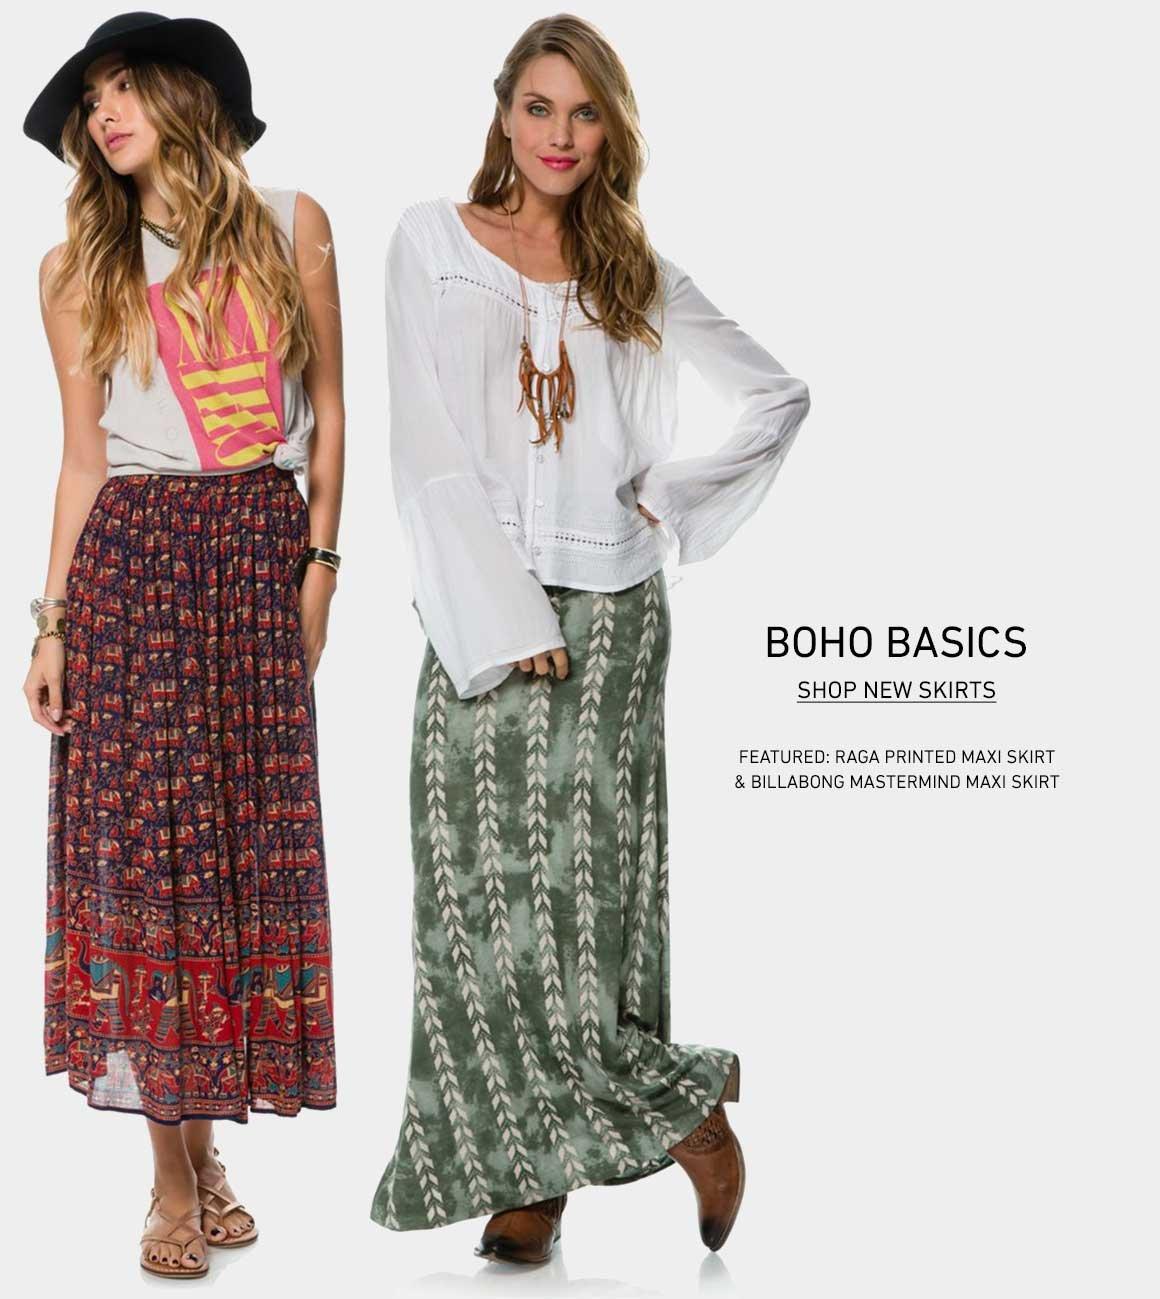 New Boho Skirts